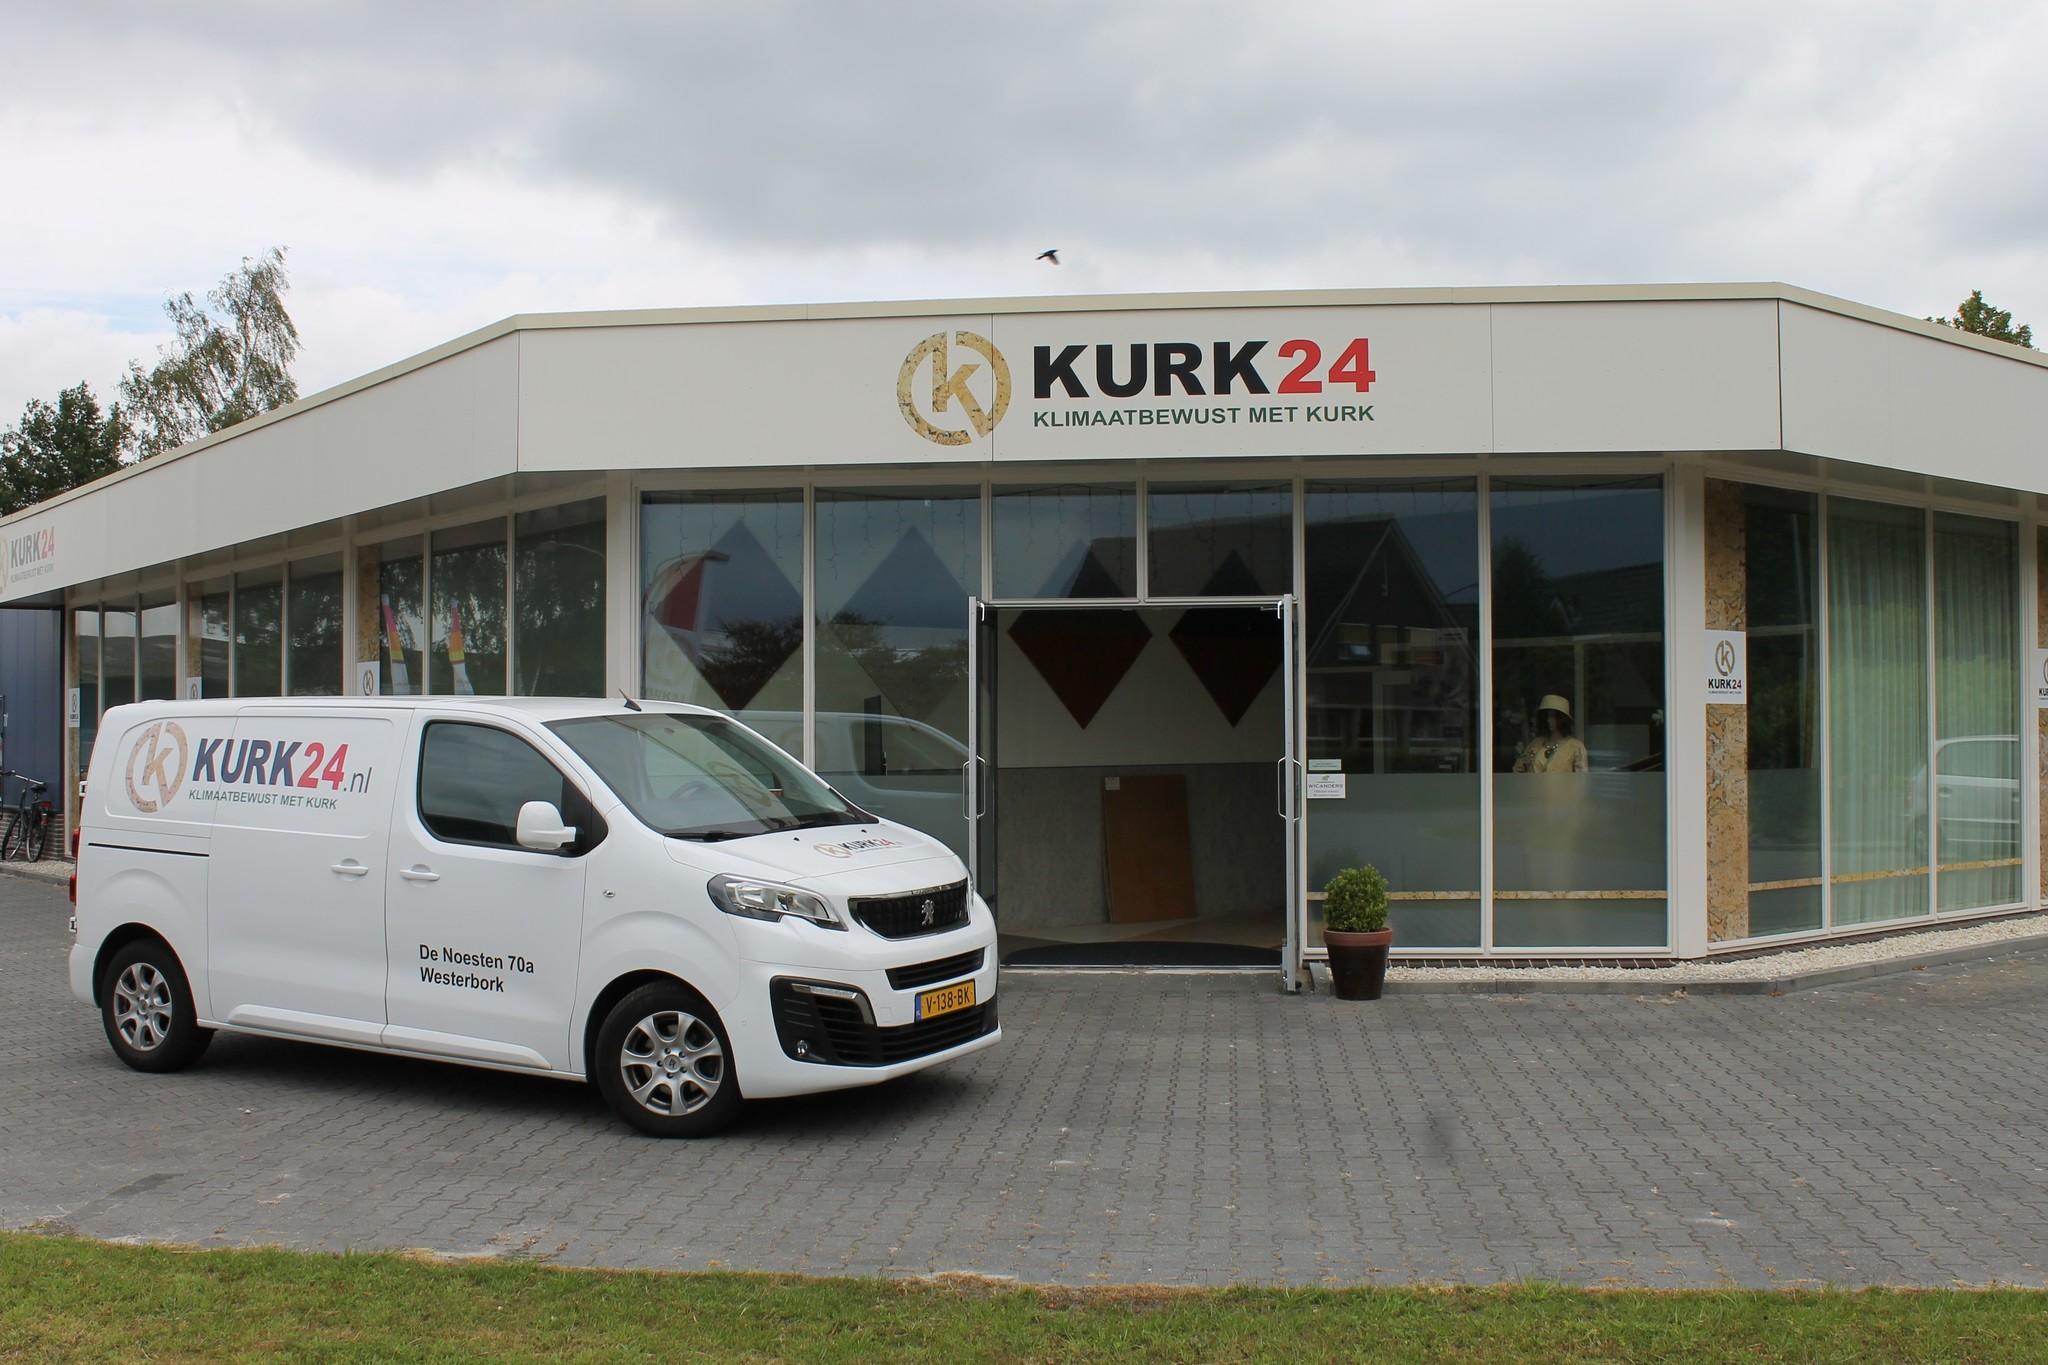 kurk showroom Westerbork